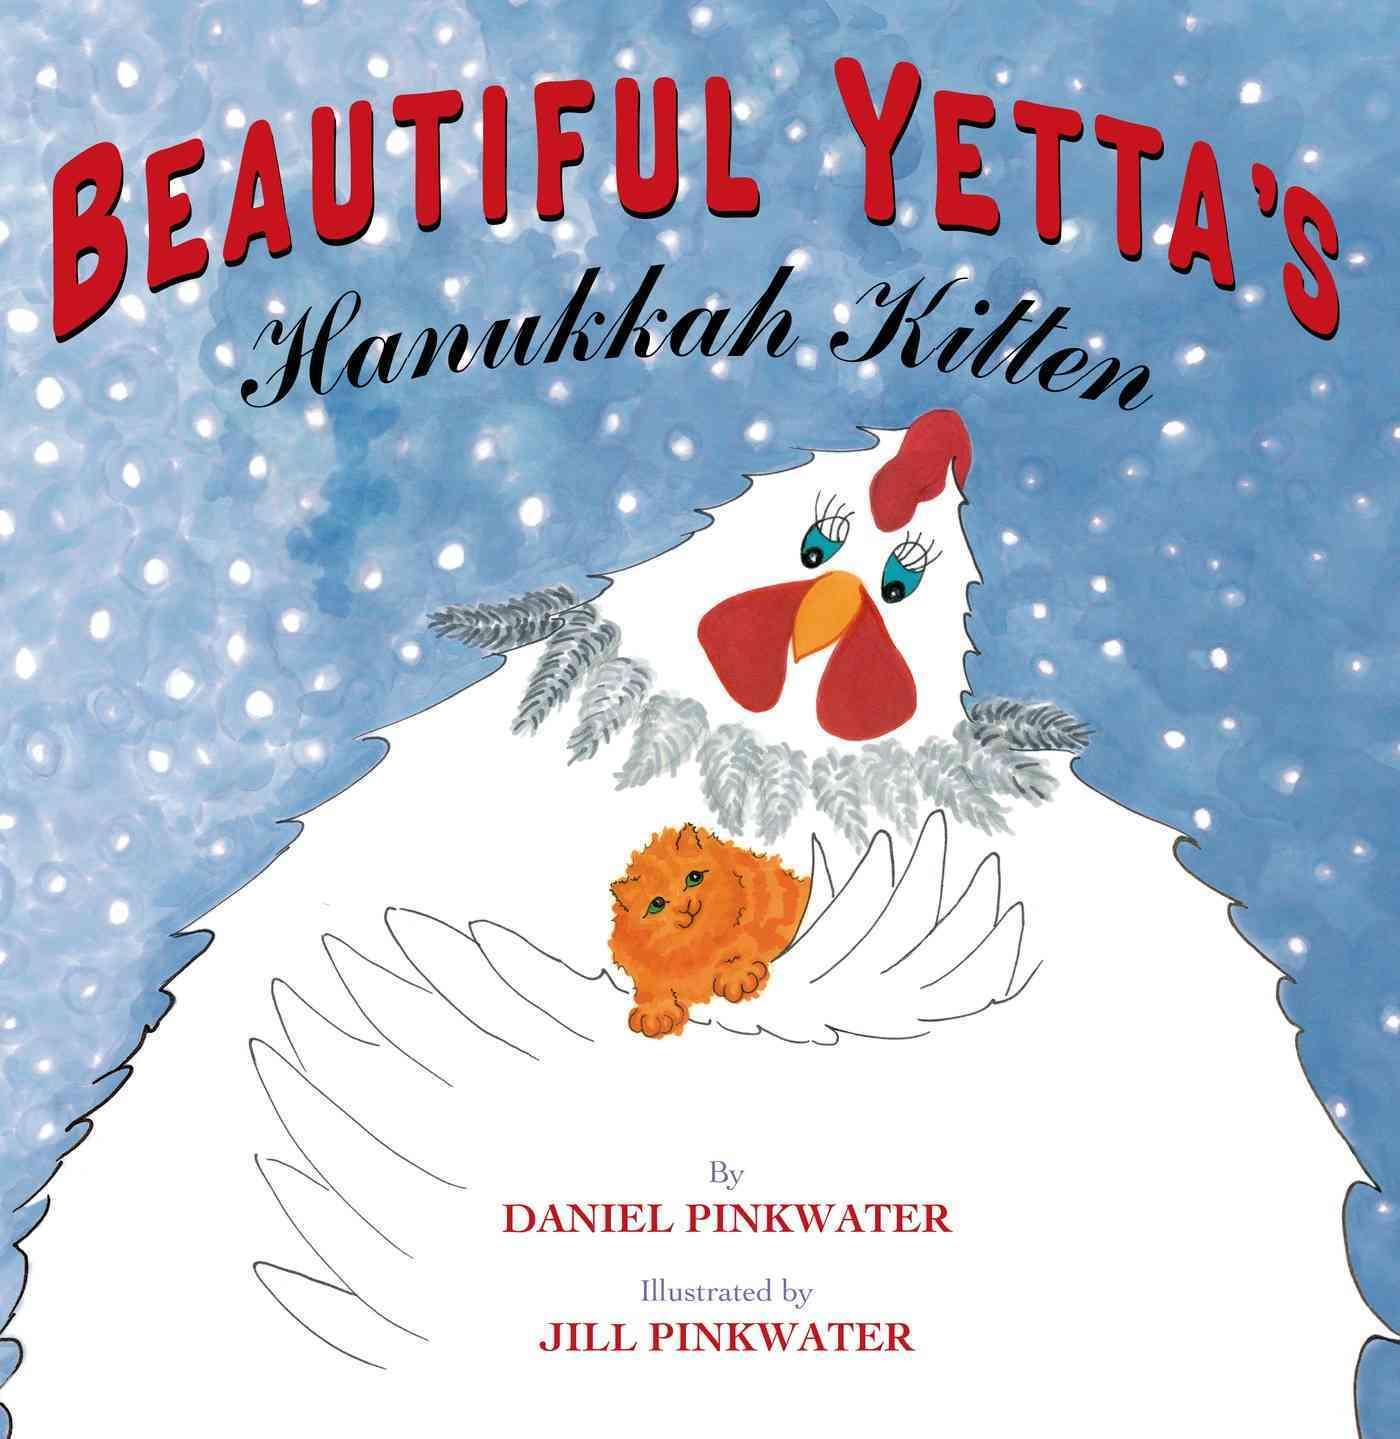 Beautiful Yetta's Hanukkah Kitten By Pinkwater, Daniel Manus/ Pinkwater, Jill (ILT)